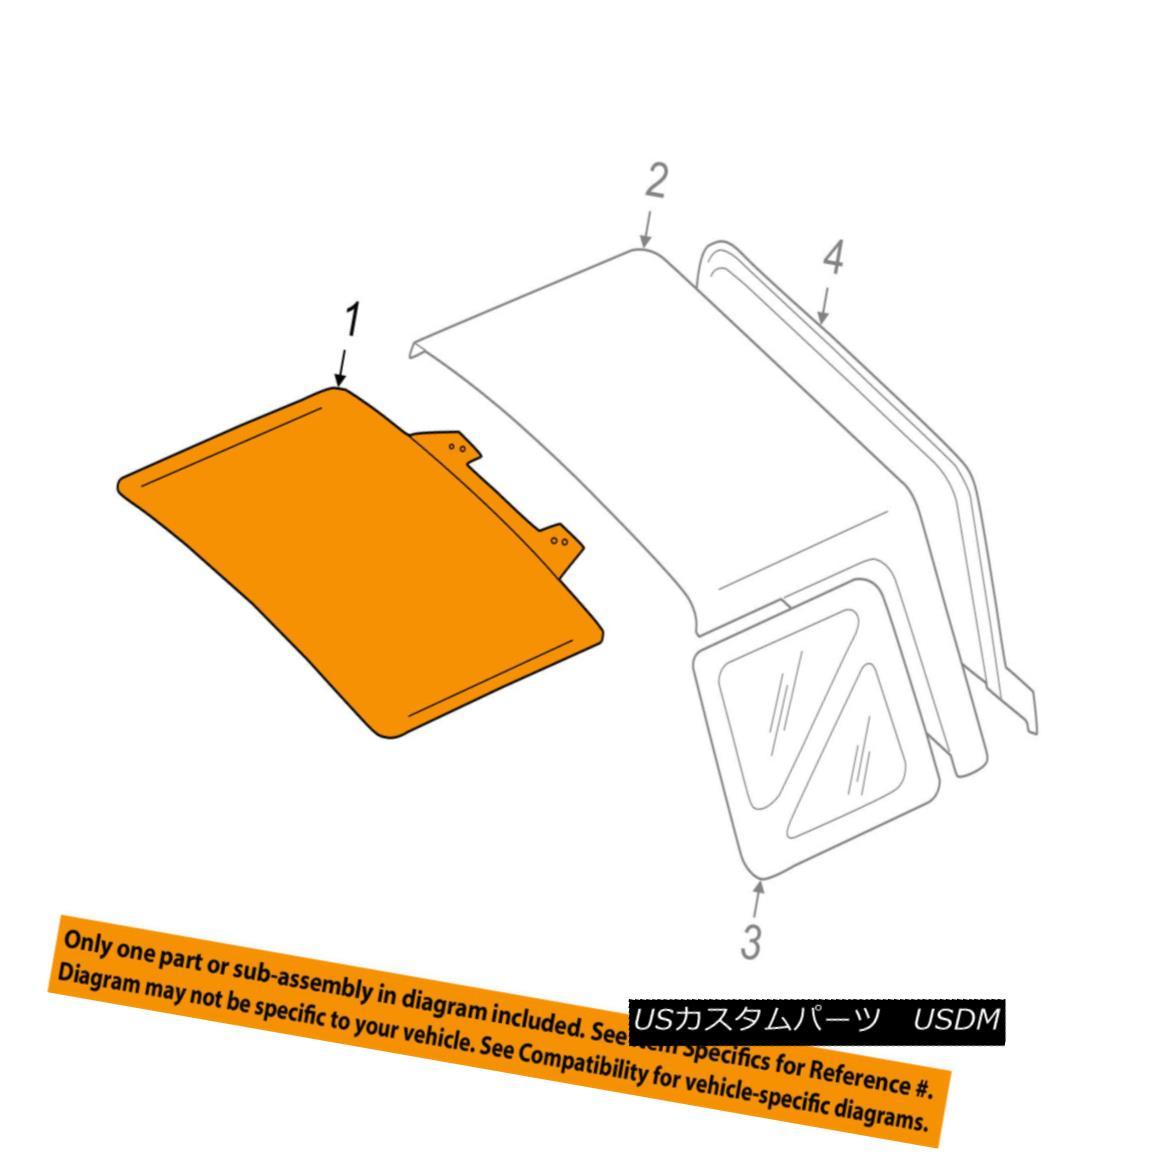 特売 幌・ソフトトップ Chevrolet so GM OEM 99-01 Tracker Convertible/soft OEM Top Top-Folding Top 30024937 Chevrolet GM OEM 99-01トラッカー・コンバーチブル/ so ftトップ折りたたみトップ30024937, iDANCESTADIUM:4a56b1a0 --- mediplusmedikal.com